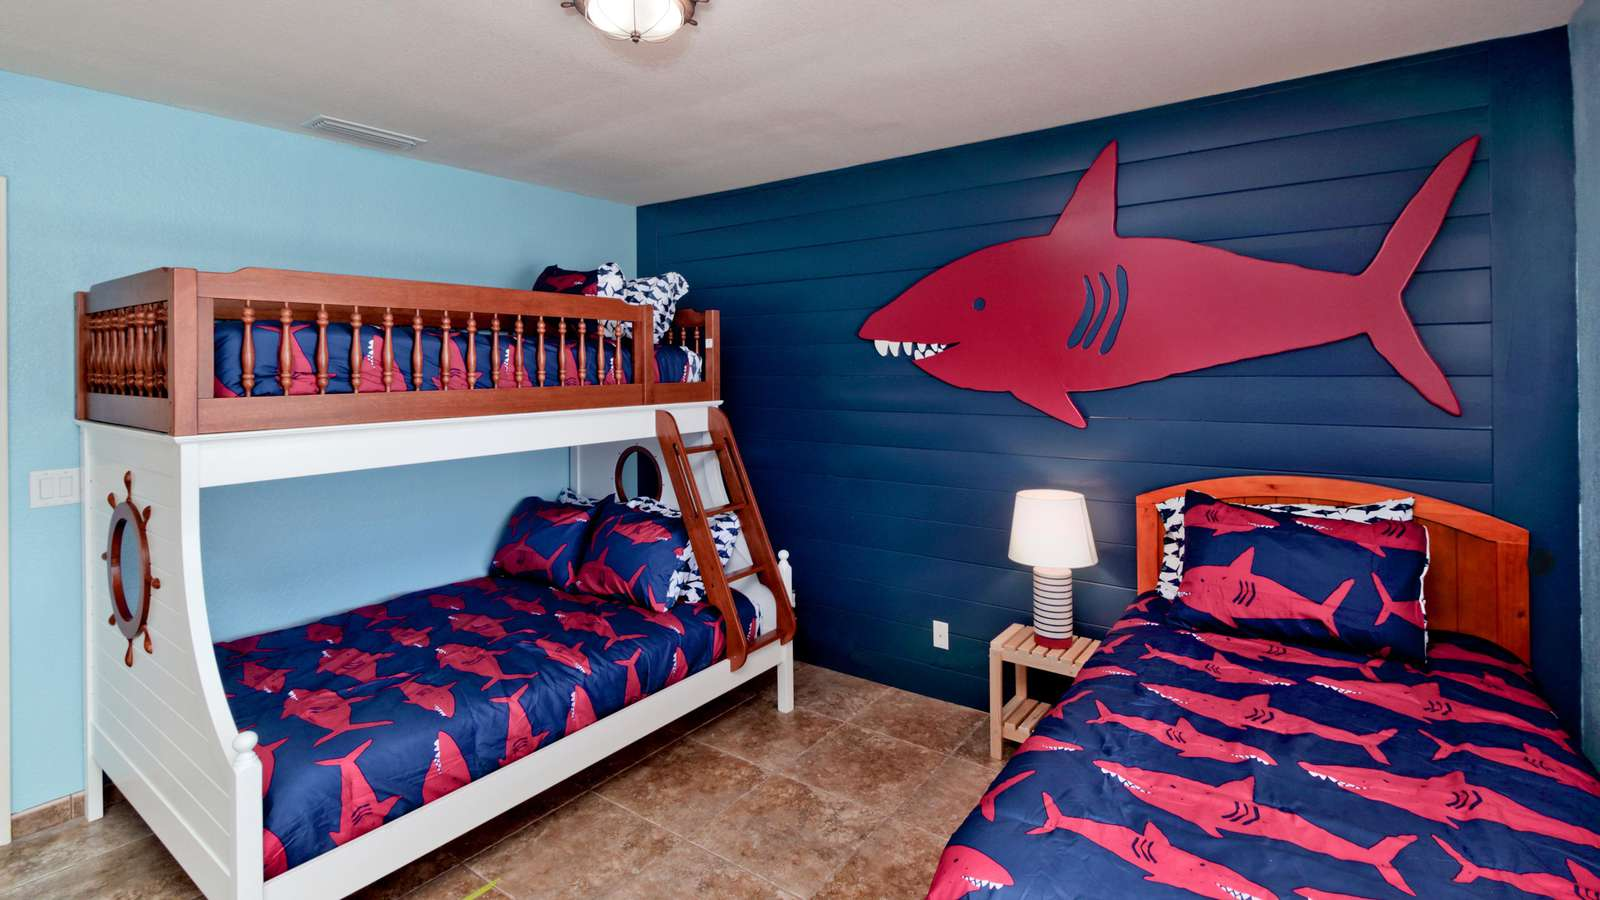 Sharkey's Room sleeps 3-4 kids